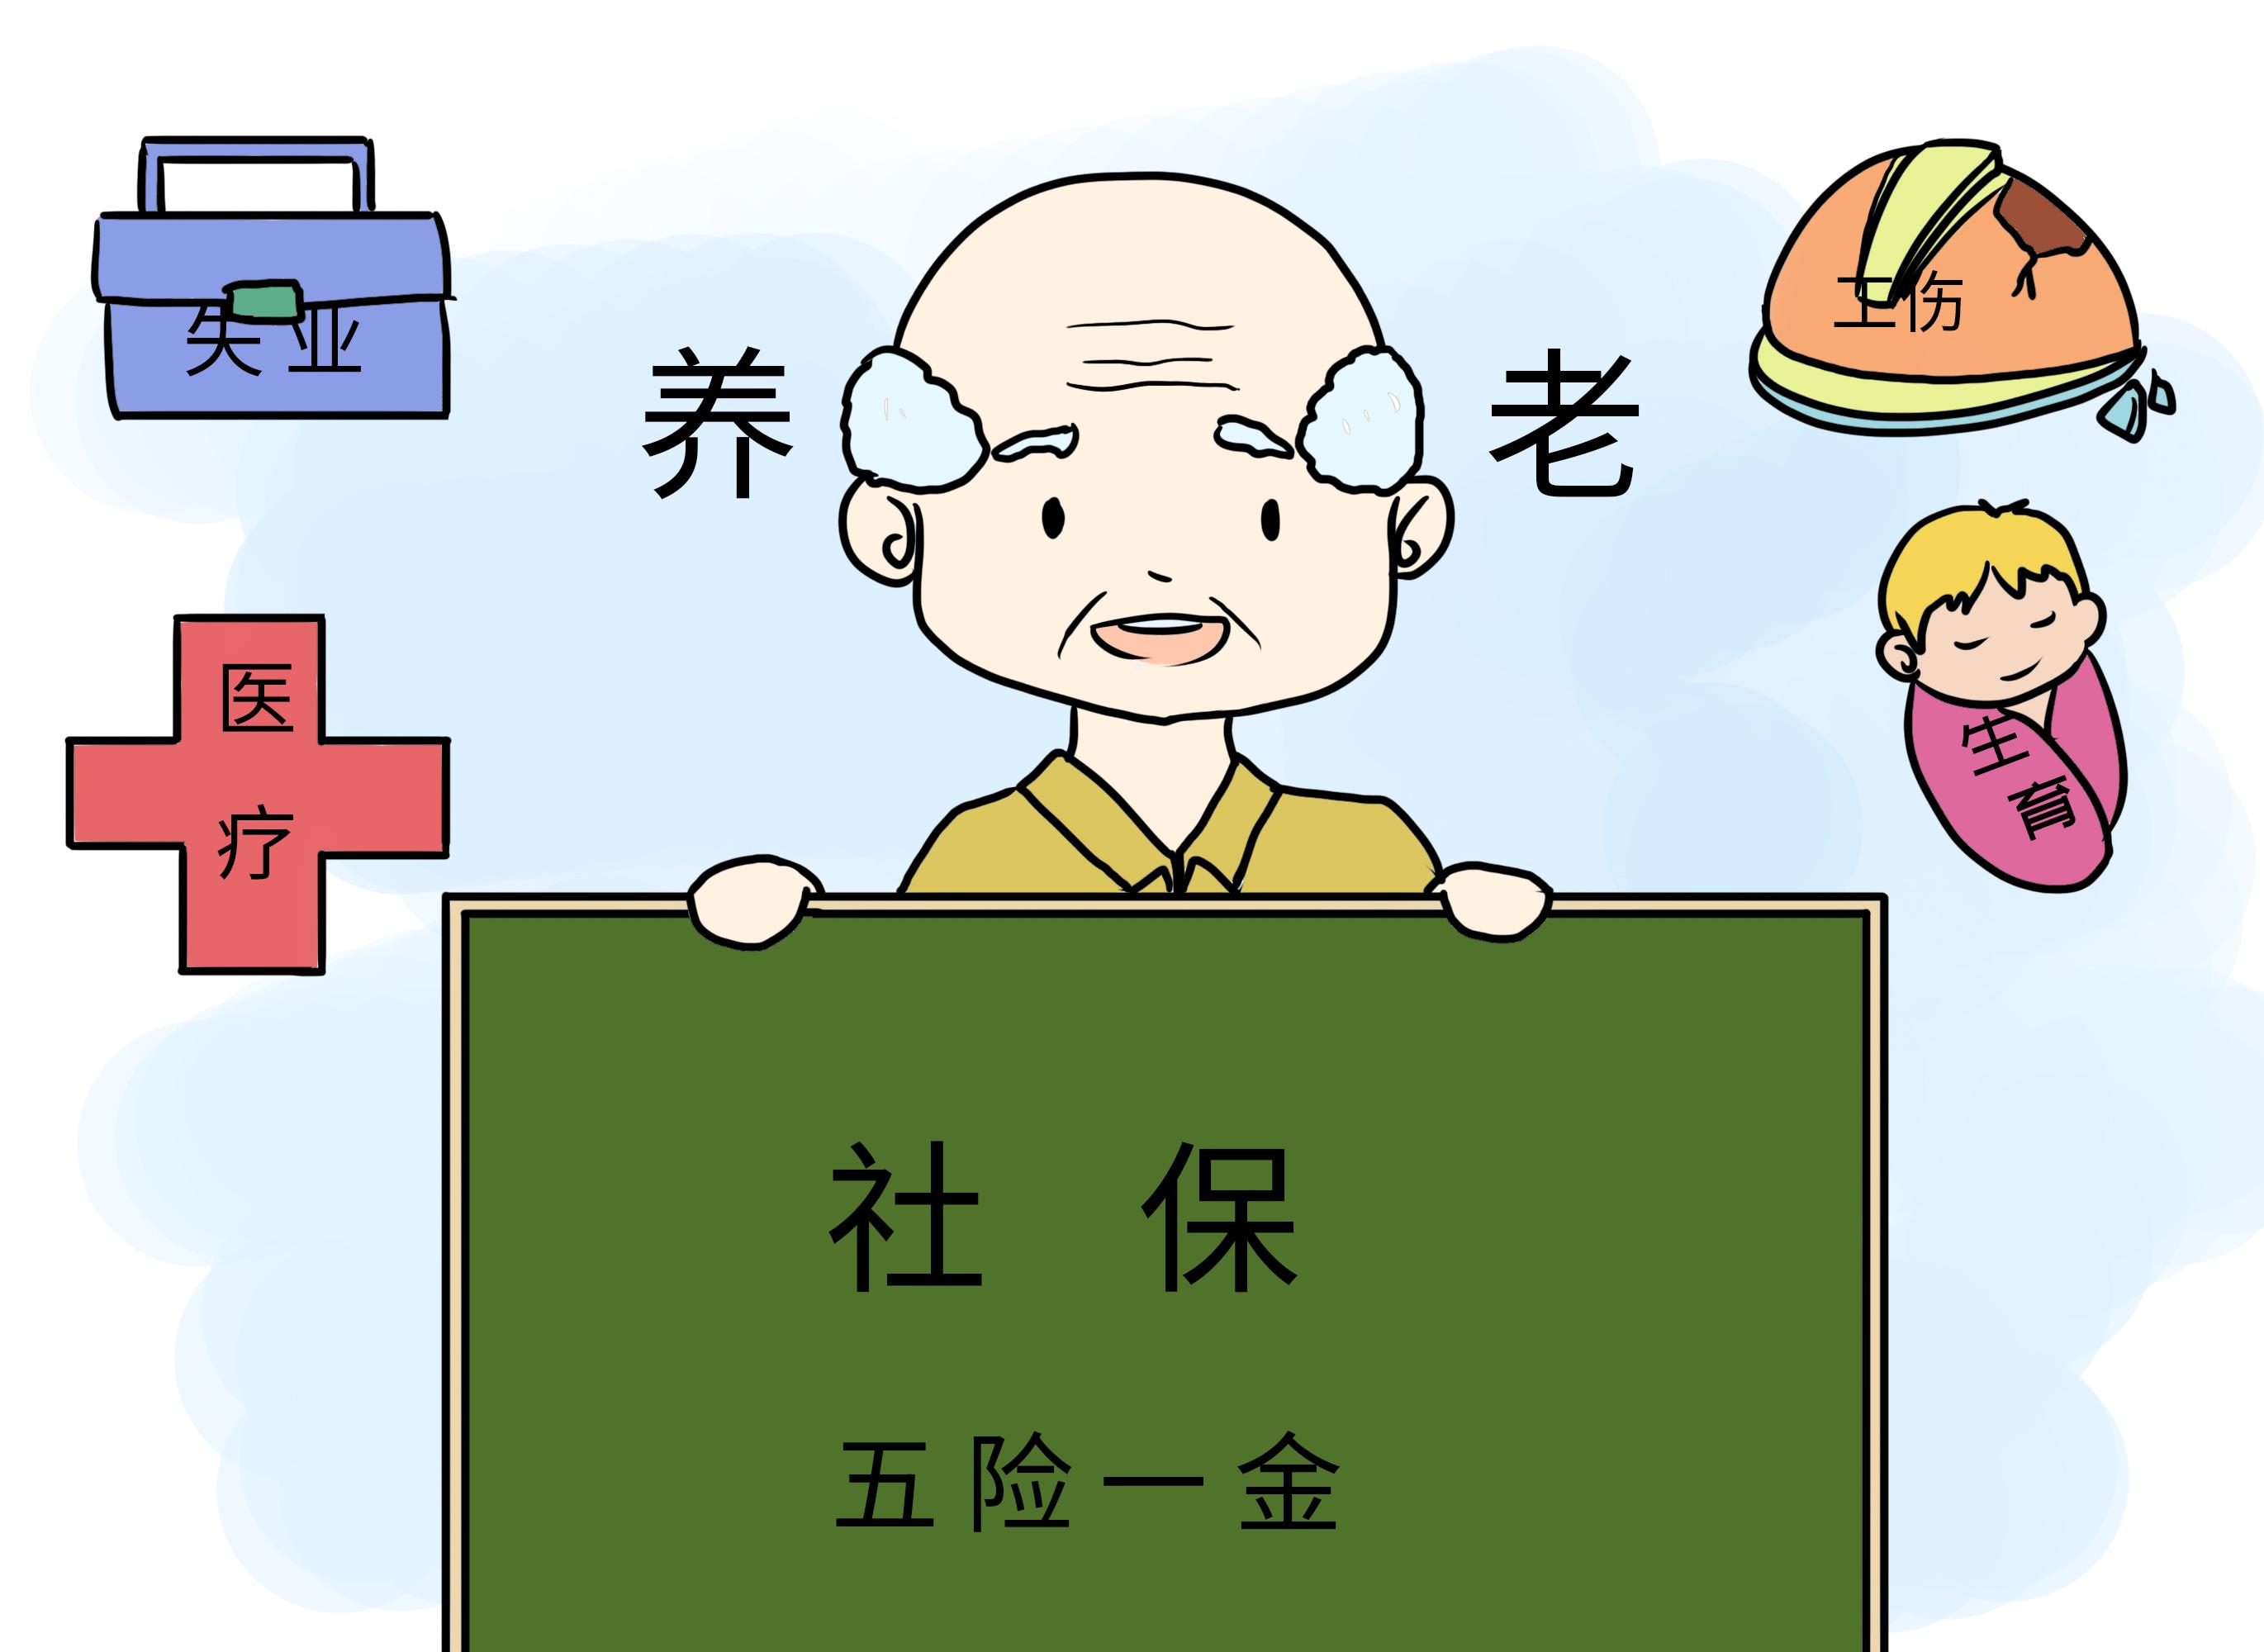 上海自己交社保费用要多少